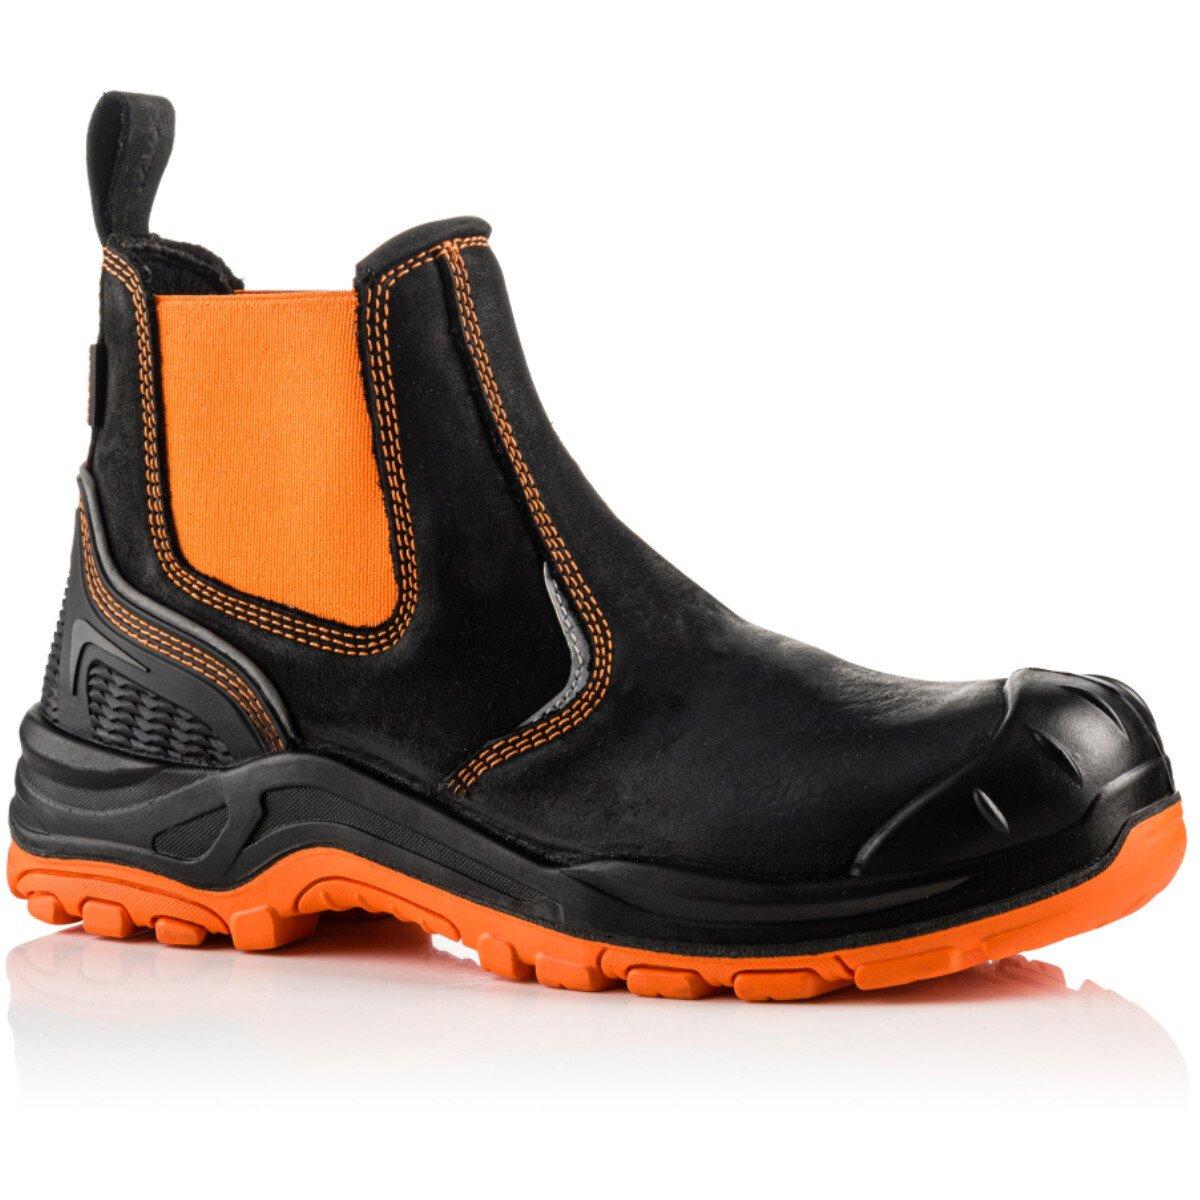 Buckbootz BVIZ3 Buckz Viz Black or Brown Leather/Hi-Viz Cordura S3 Non Metallic Dealer Safety Boot